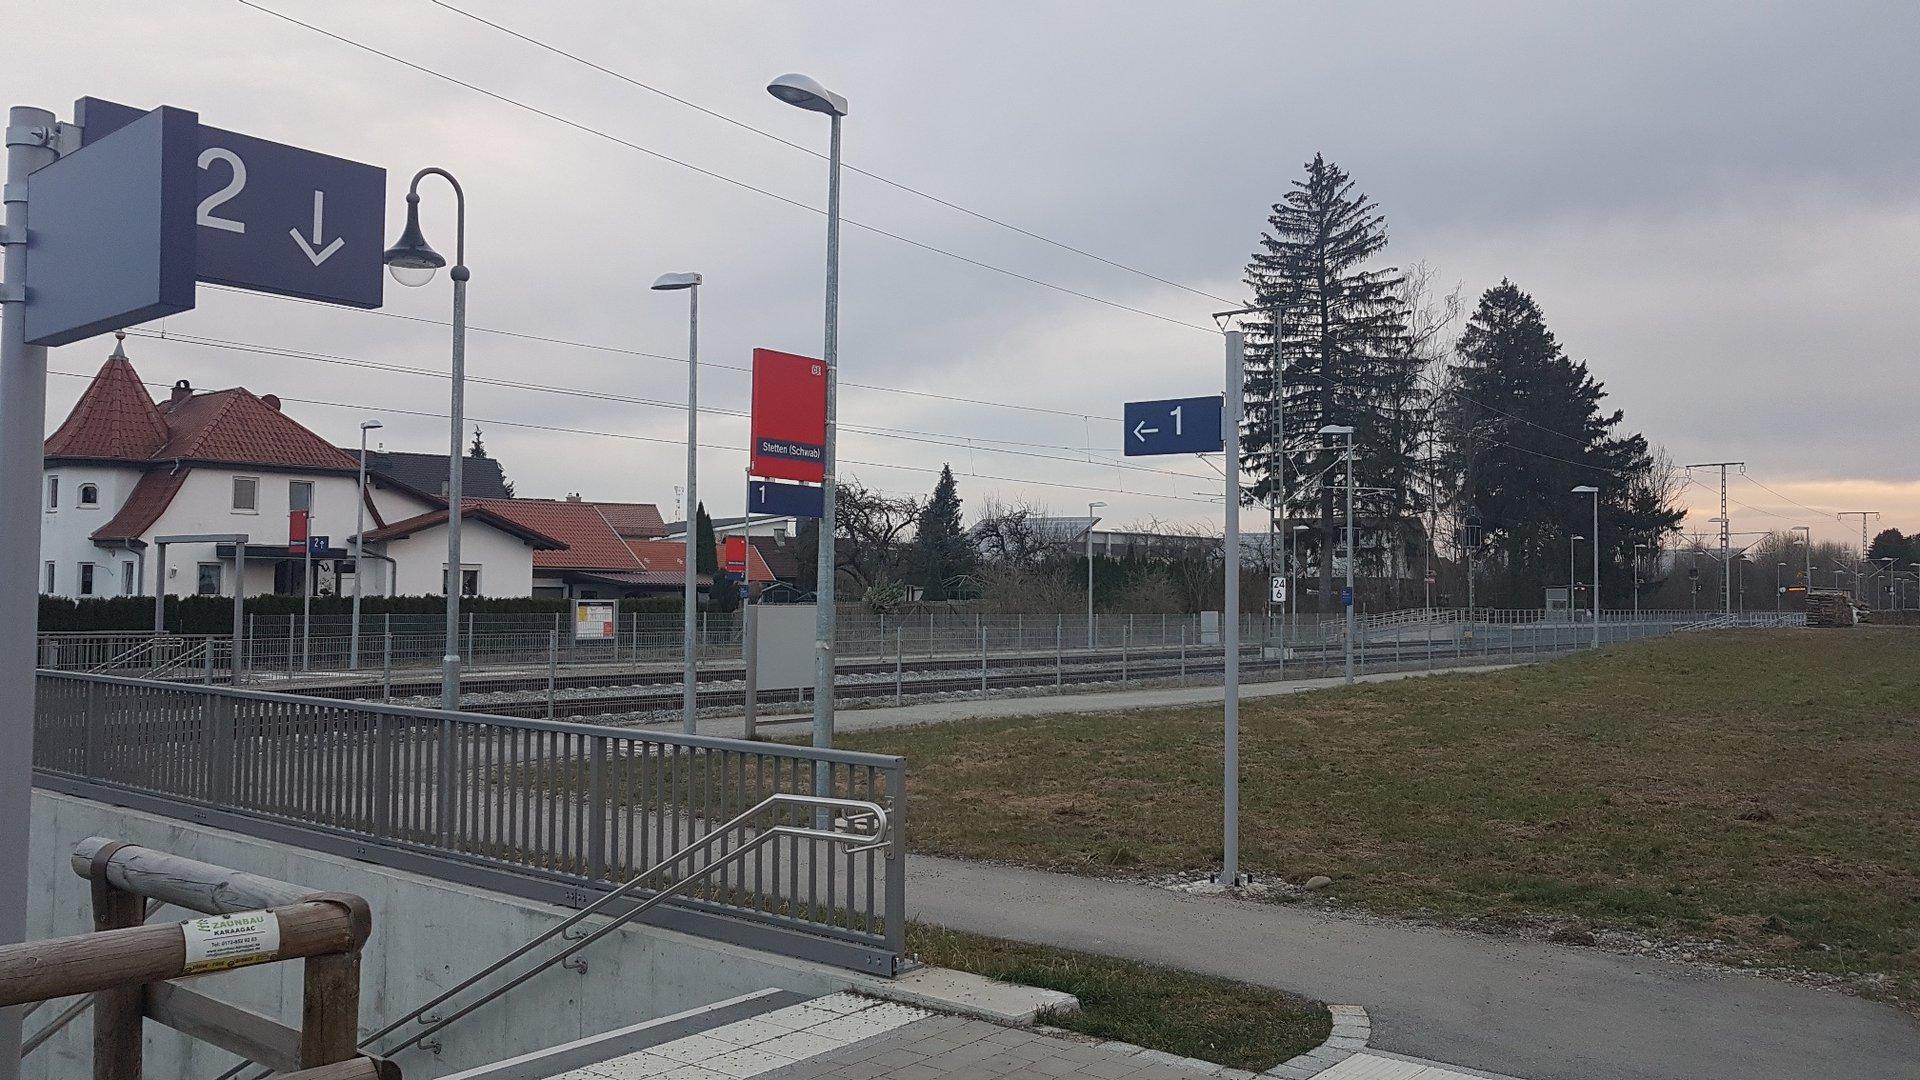 Stetten (Schwab)